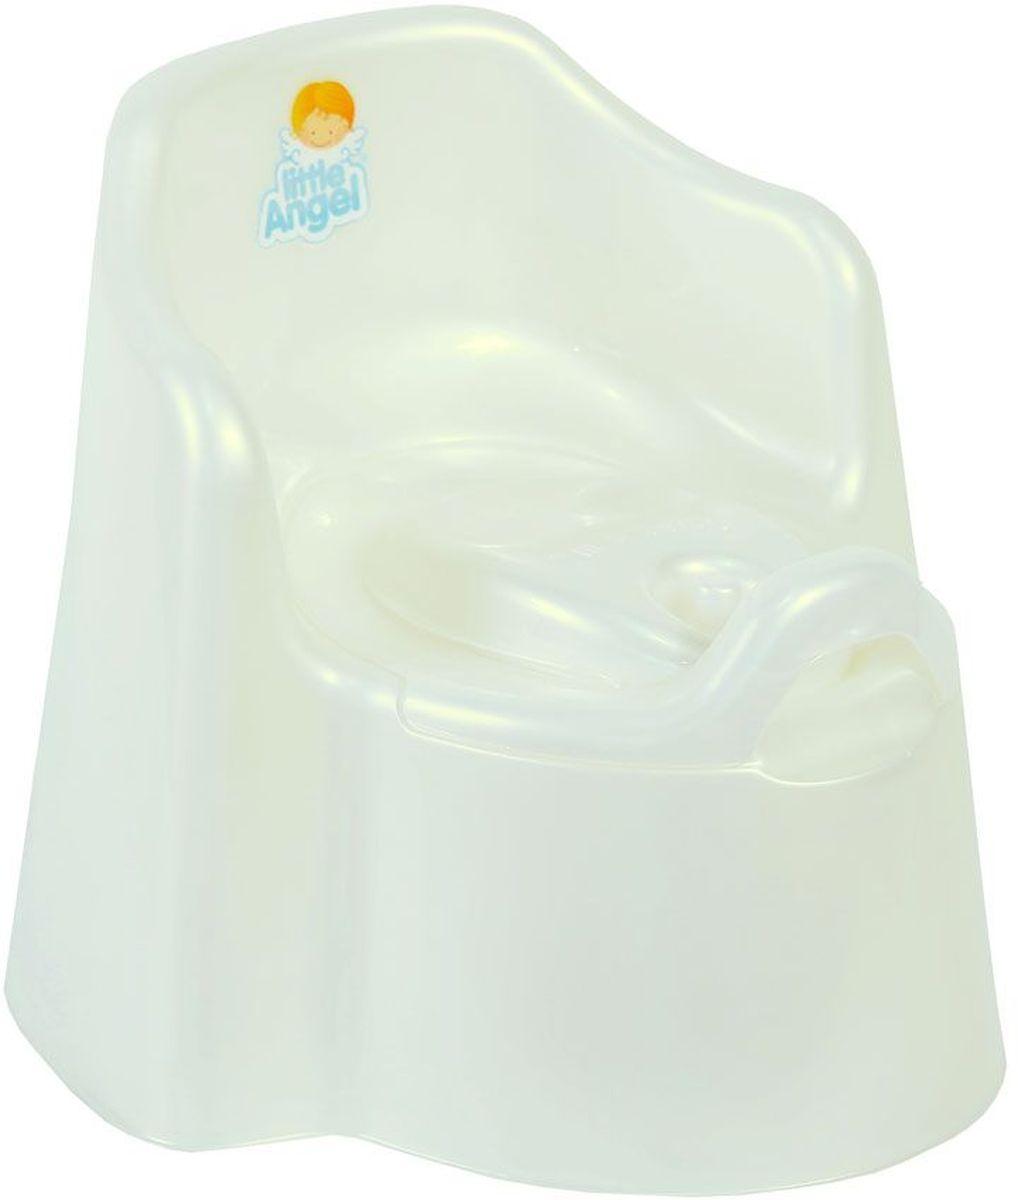 Little Angel Горшок детский Little King с крышкой цвет белый перламутрLA2703PLДети в восторге от этого кресла-горшка, ведь это личный маленький туалет-трон. Специальный дизайн спинки, повторяющий очертания детской спины, высокие и удобные подлокотники позволяют ребенку комфортно сидеть на нашем горшке. Внутренняя часть горшка легко вынимается и моется отдельно. Надежная защита от брызг одинаково подходит как девочкам, так и мальчикам. Вырез на задней спинке горшка в форме озорной улыбки позволяет его легко переносить. При необходимости можно закрыть крышкой.